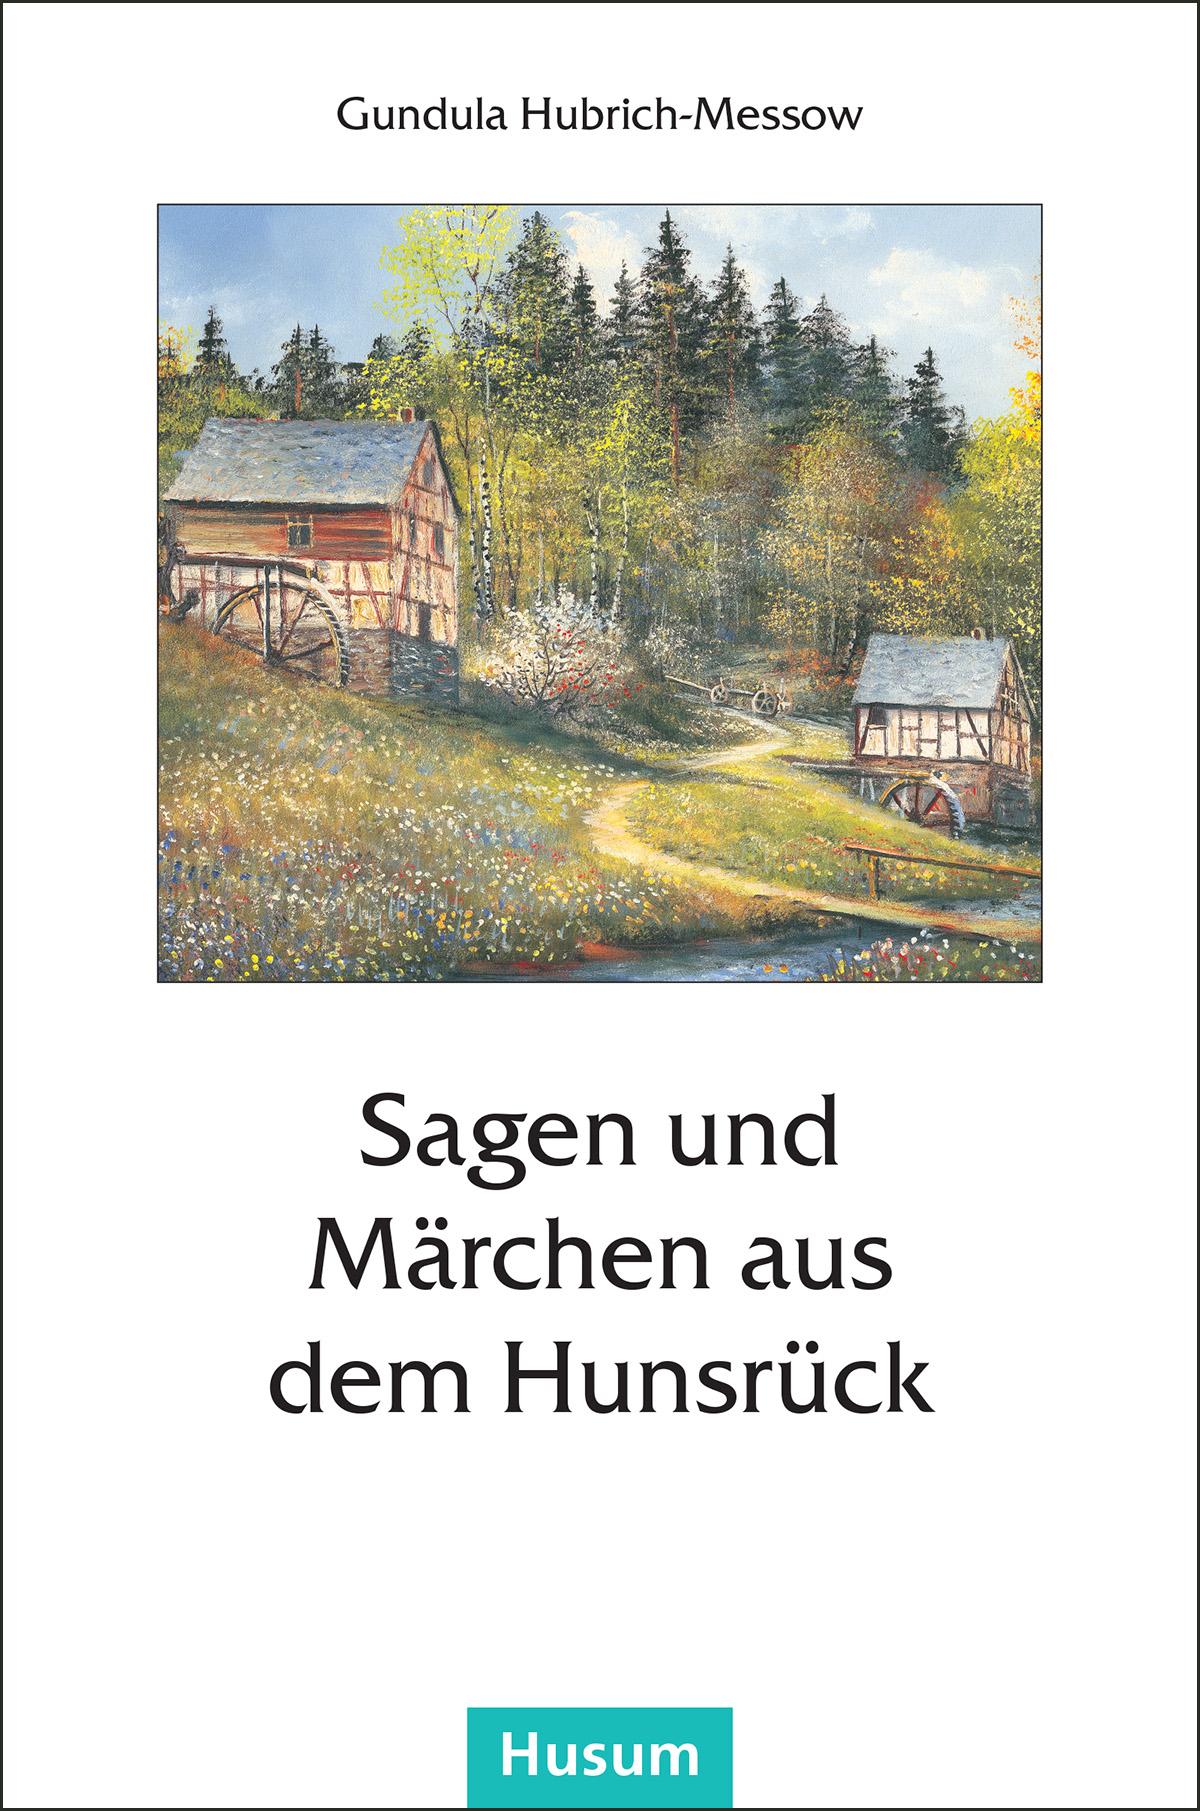 Sagen und Märchen aus dem Hunsrück Gundula Hubrich-Messow 9783898767347